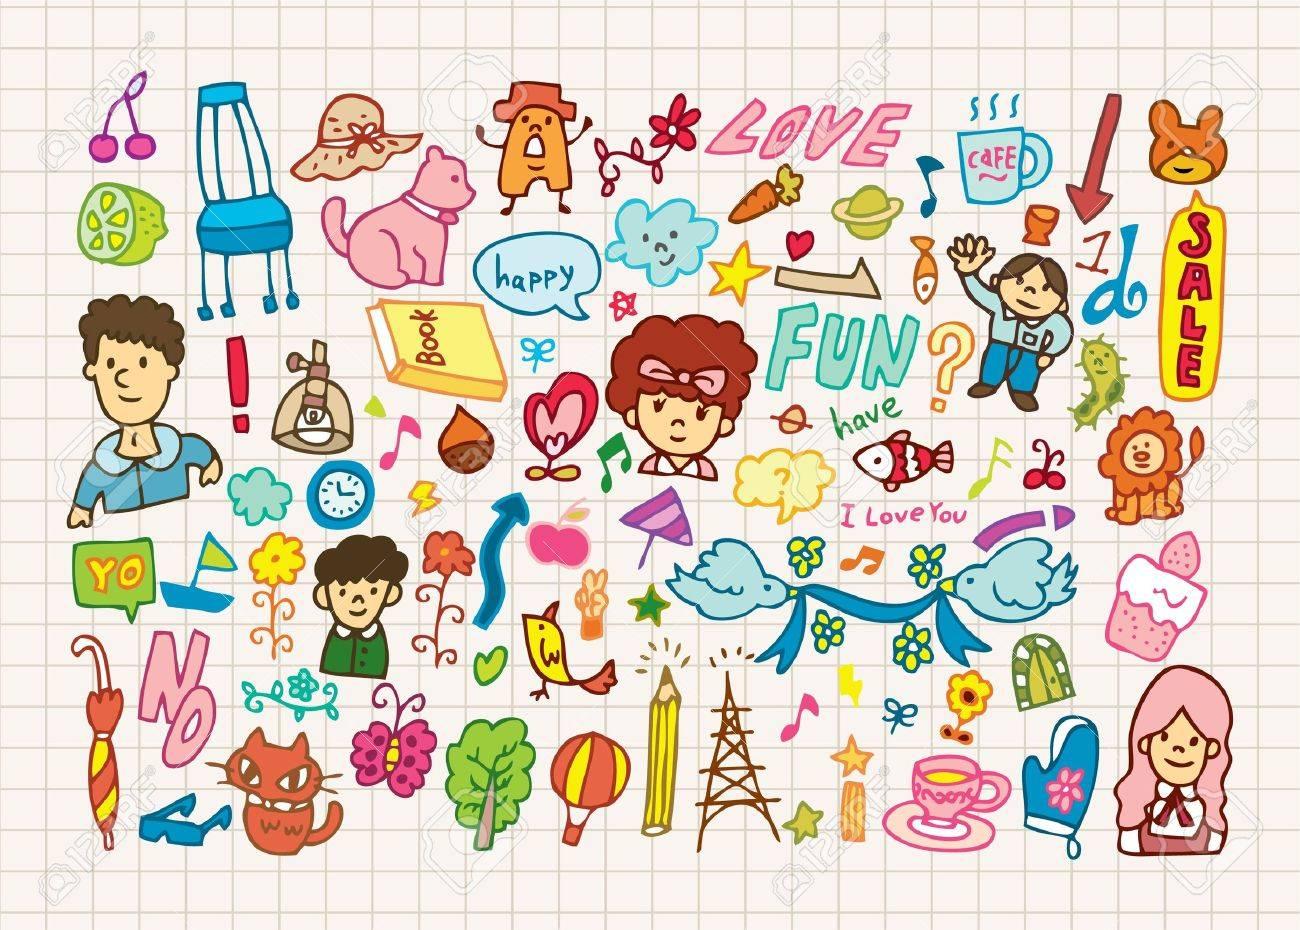 手描きイラストかわいい漫画要素のイラスト素材ベクタ Image 8501548